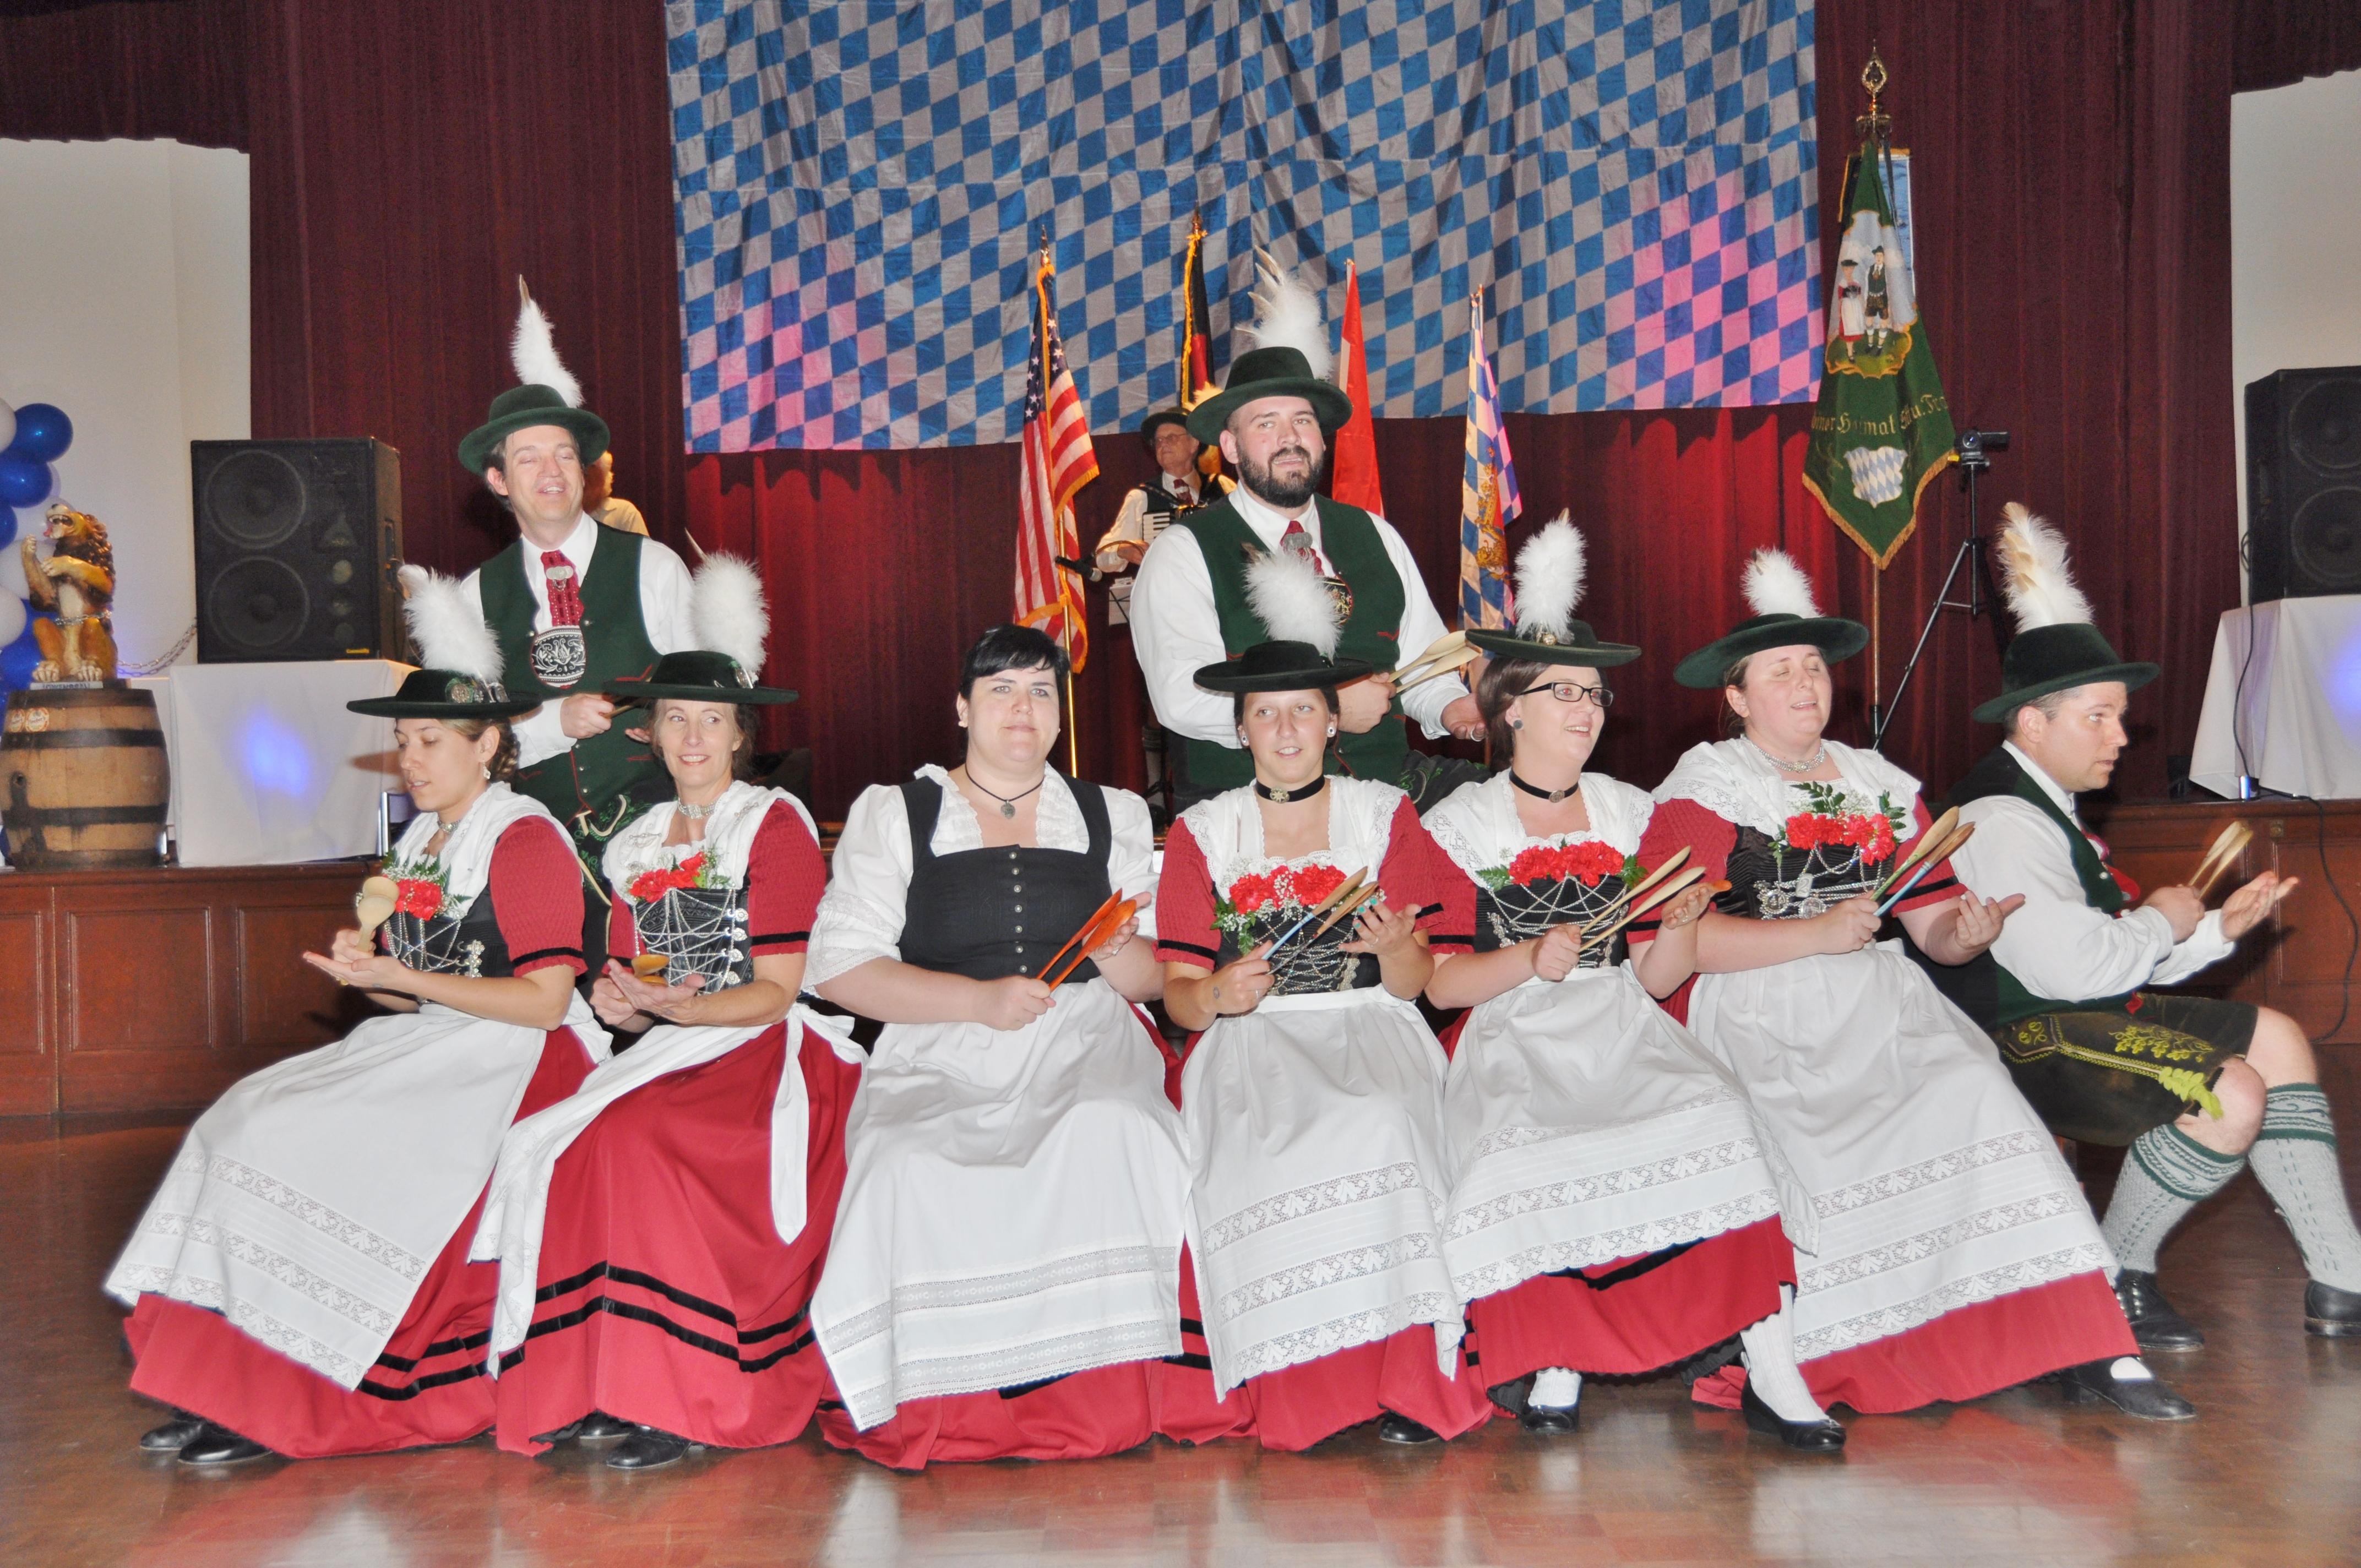 Bockbierfest 3 19 16 081